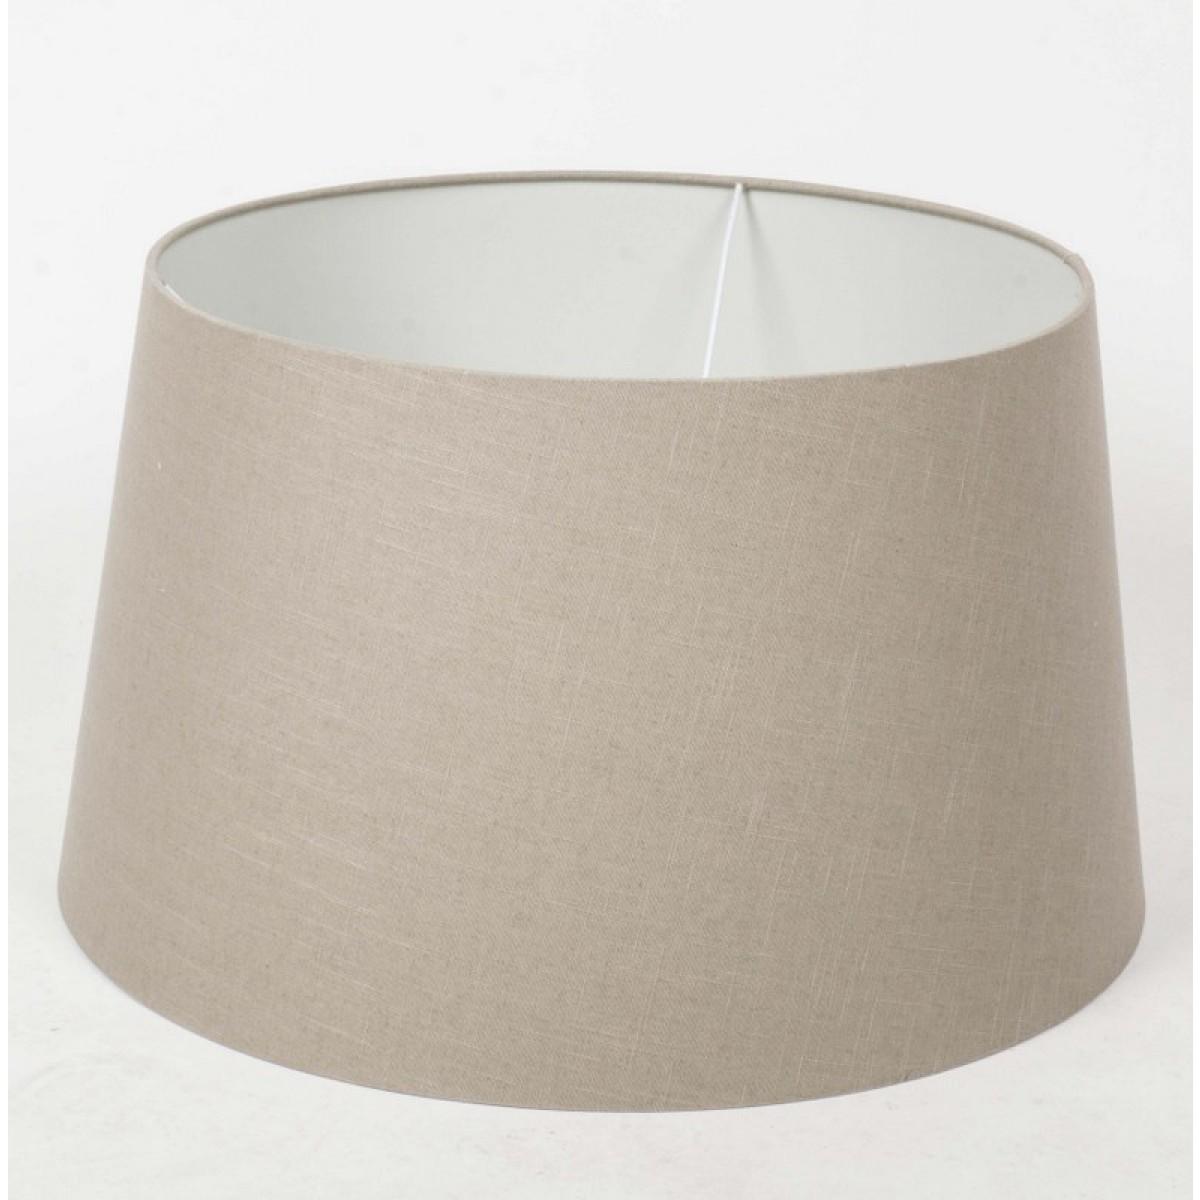 lampenschirm taupe f r eine stehleuchte tischleuchte 60 cm. Black Bedroom Furniture Sets. Home Design Ideas